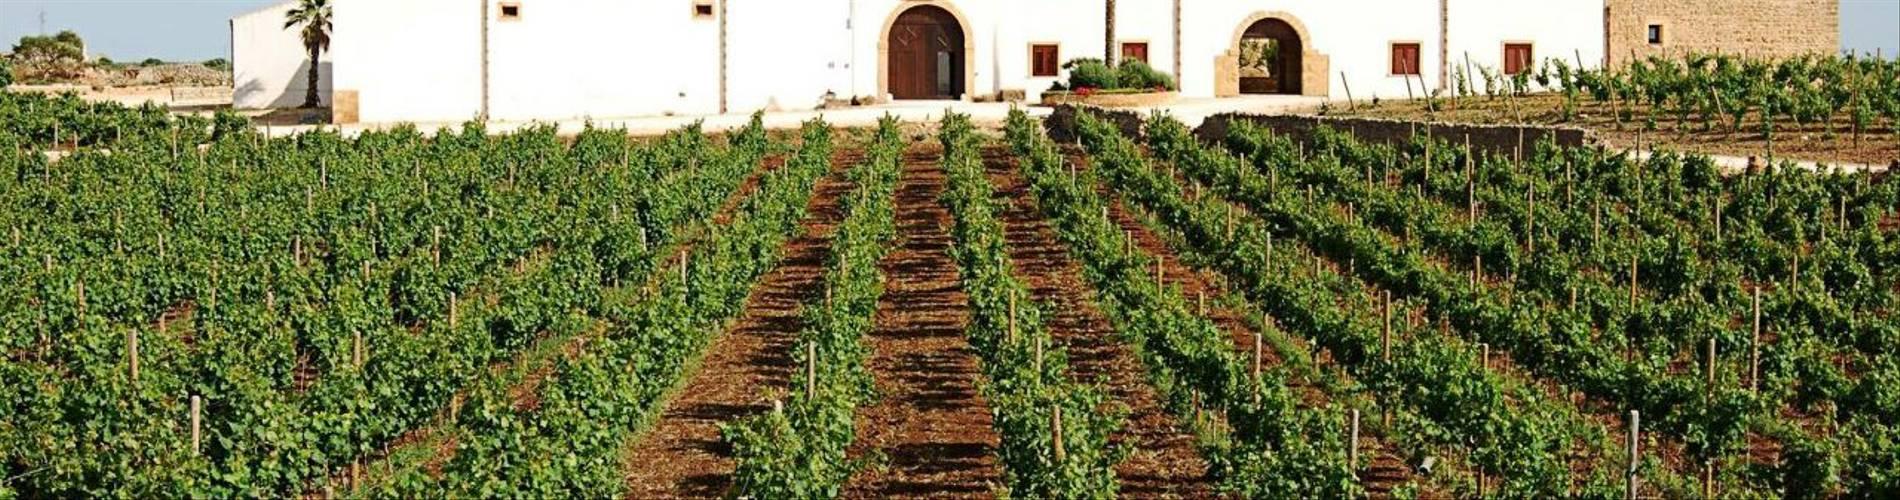 Baglio Donna Franca, Sicily, Italy (13).jpg